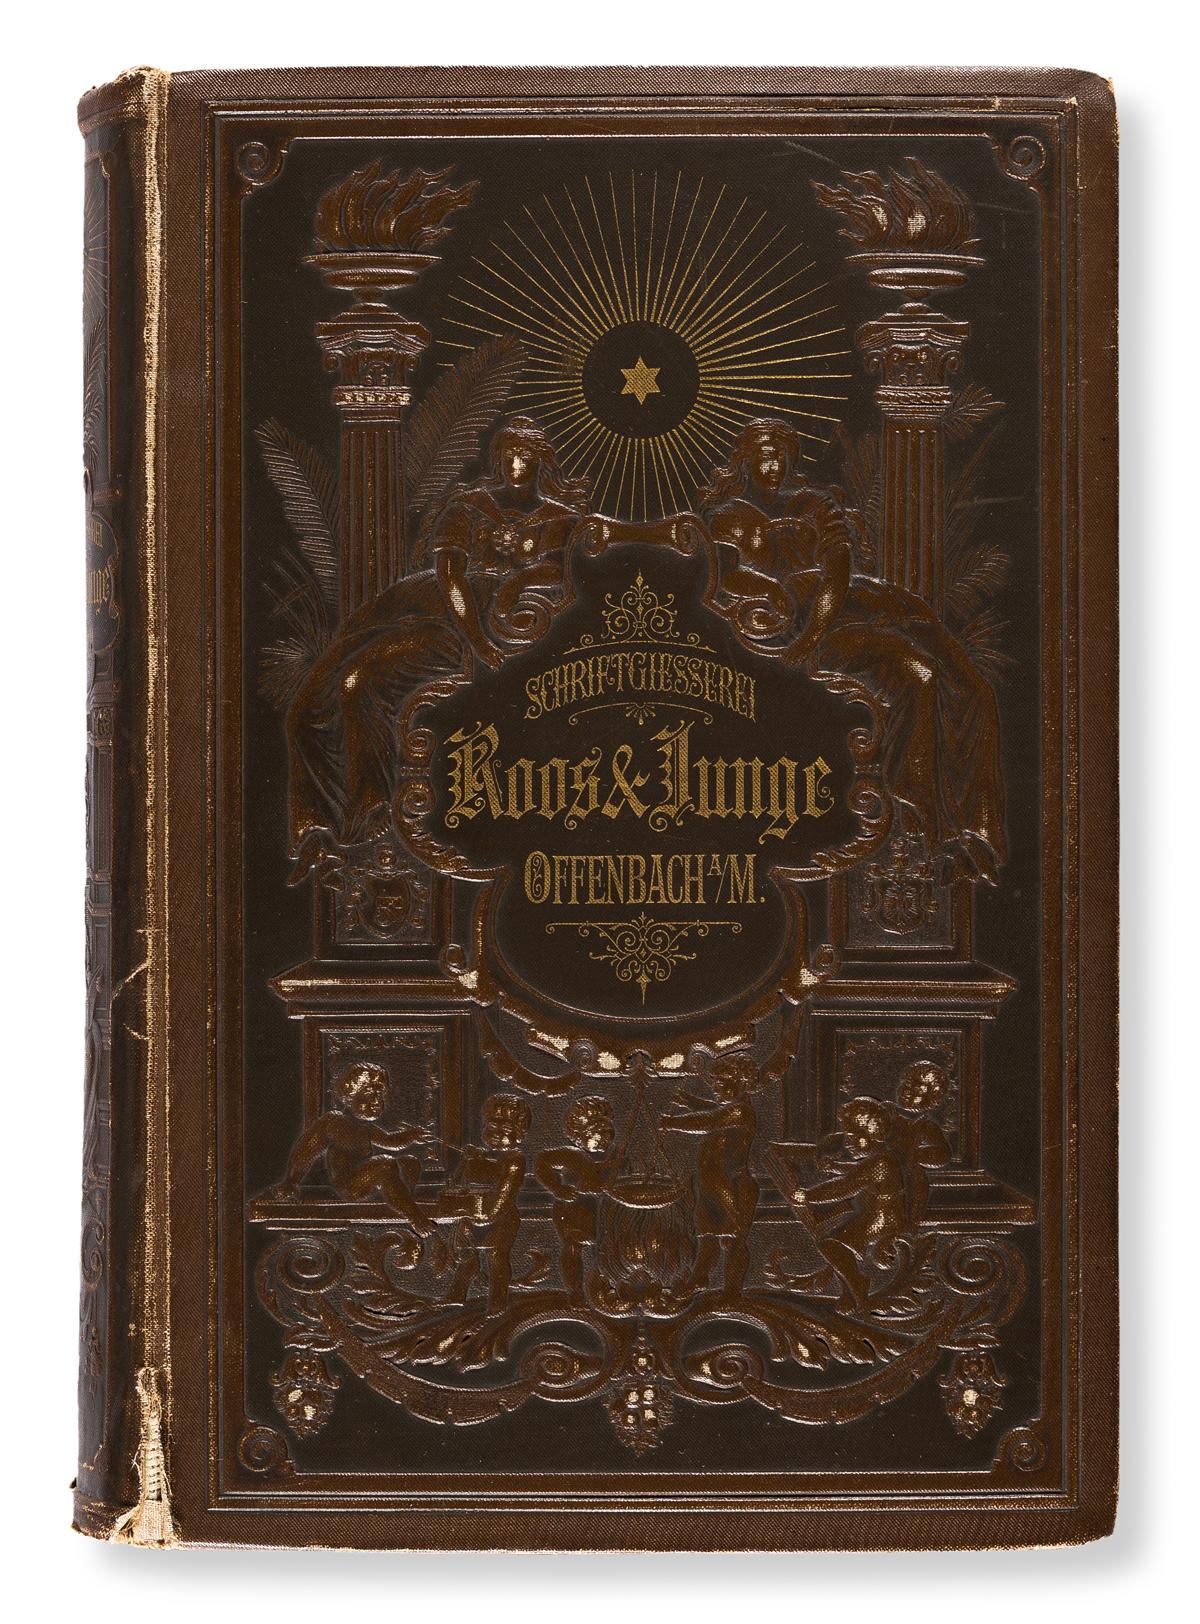 [SPECIMEN BOOK — ROOS & JUNGE]. Preis-Courant von Roos & Junge Schriftgiesserei. Offenbach am Main, [n.d. c. 1880].